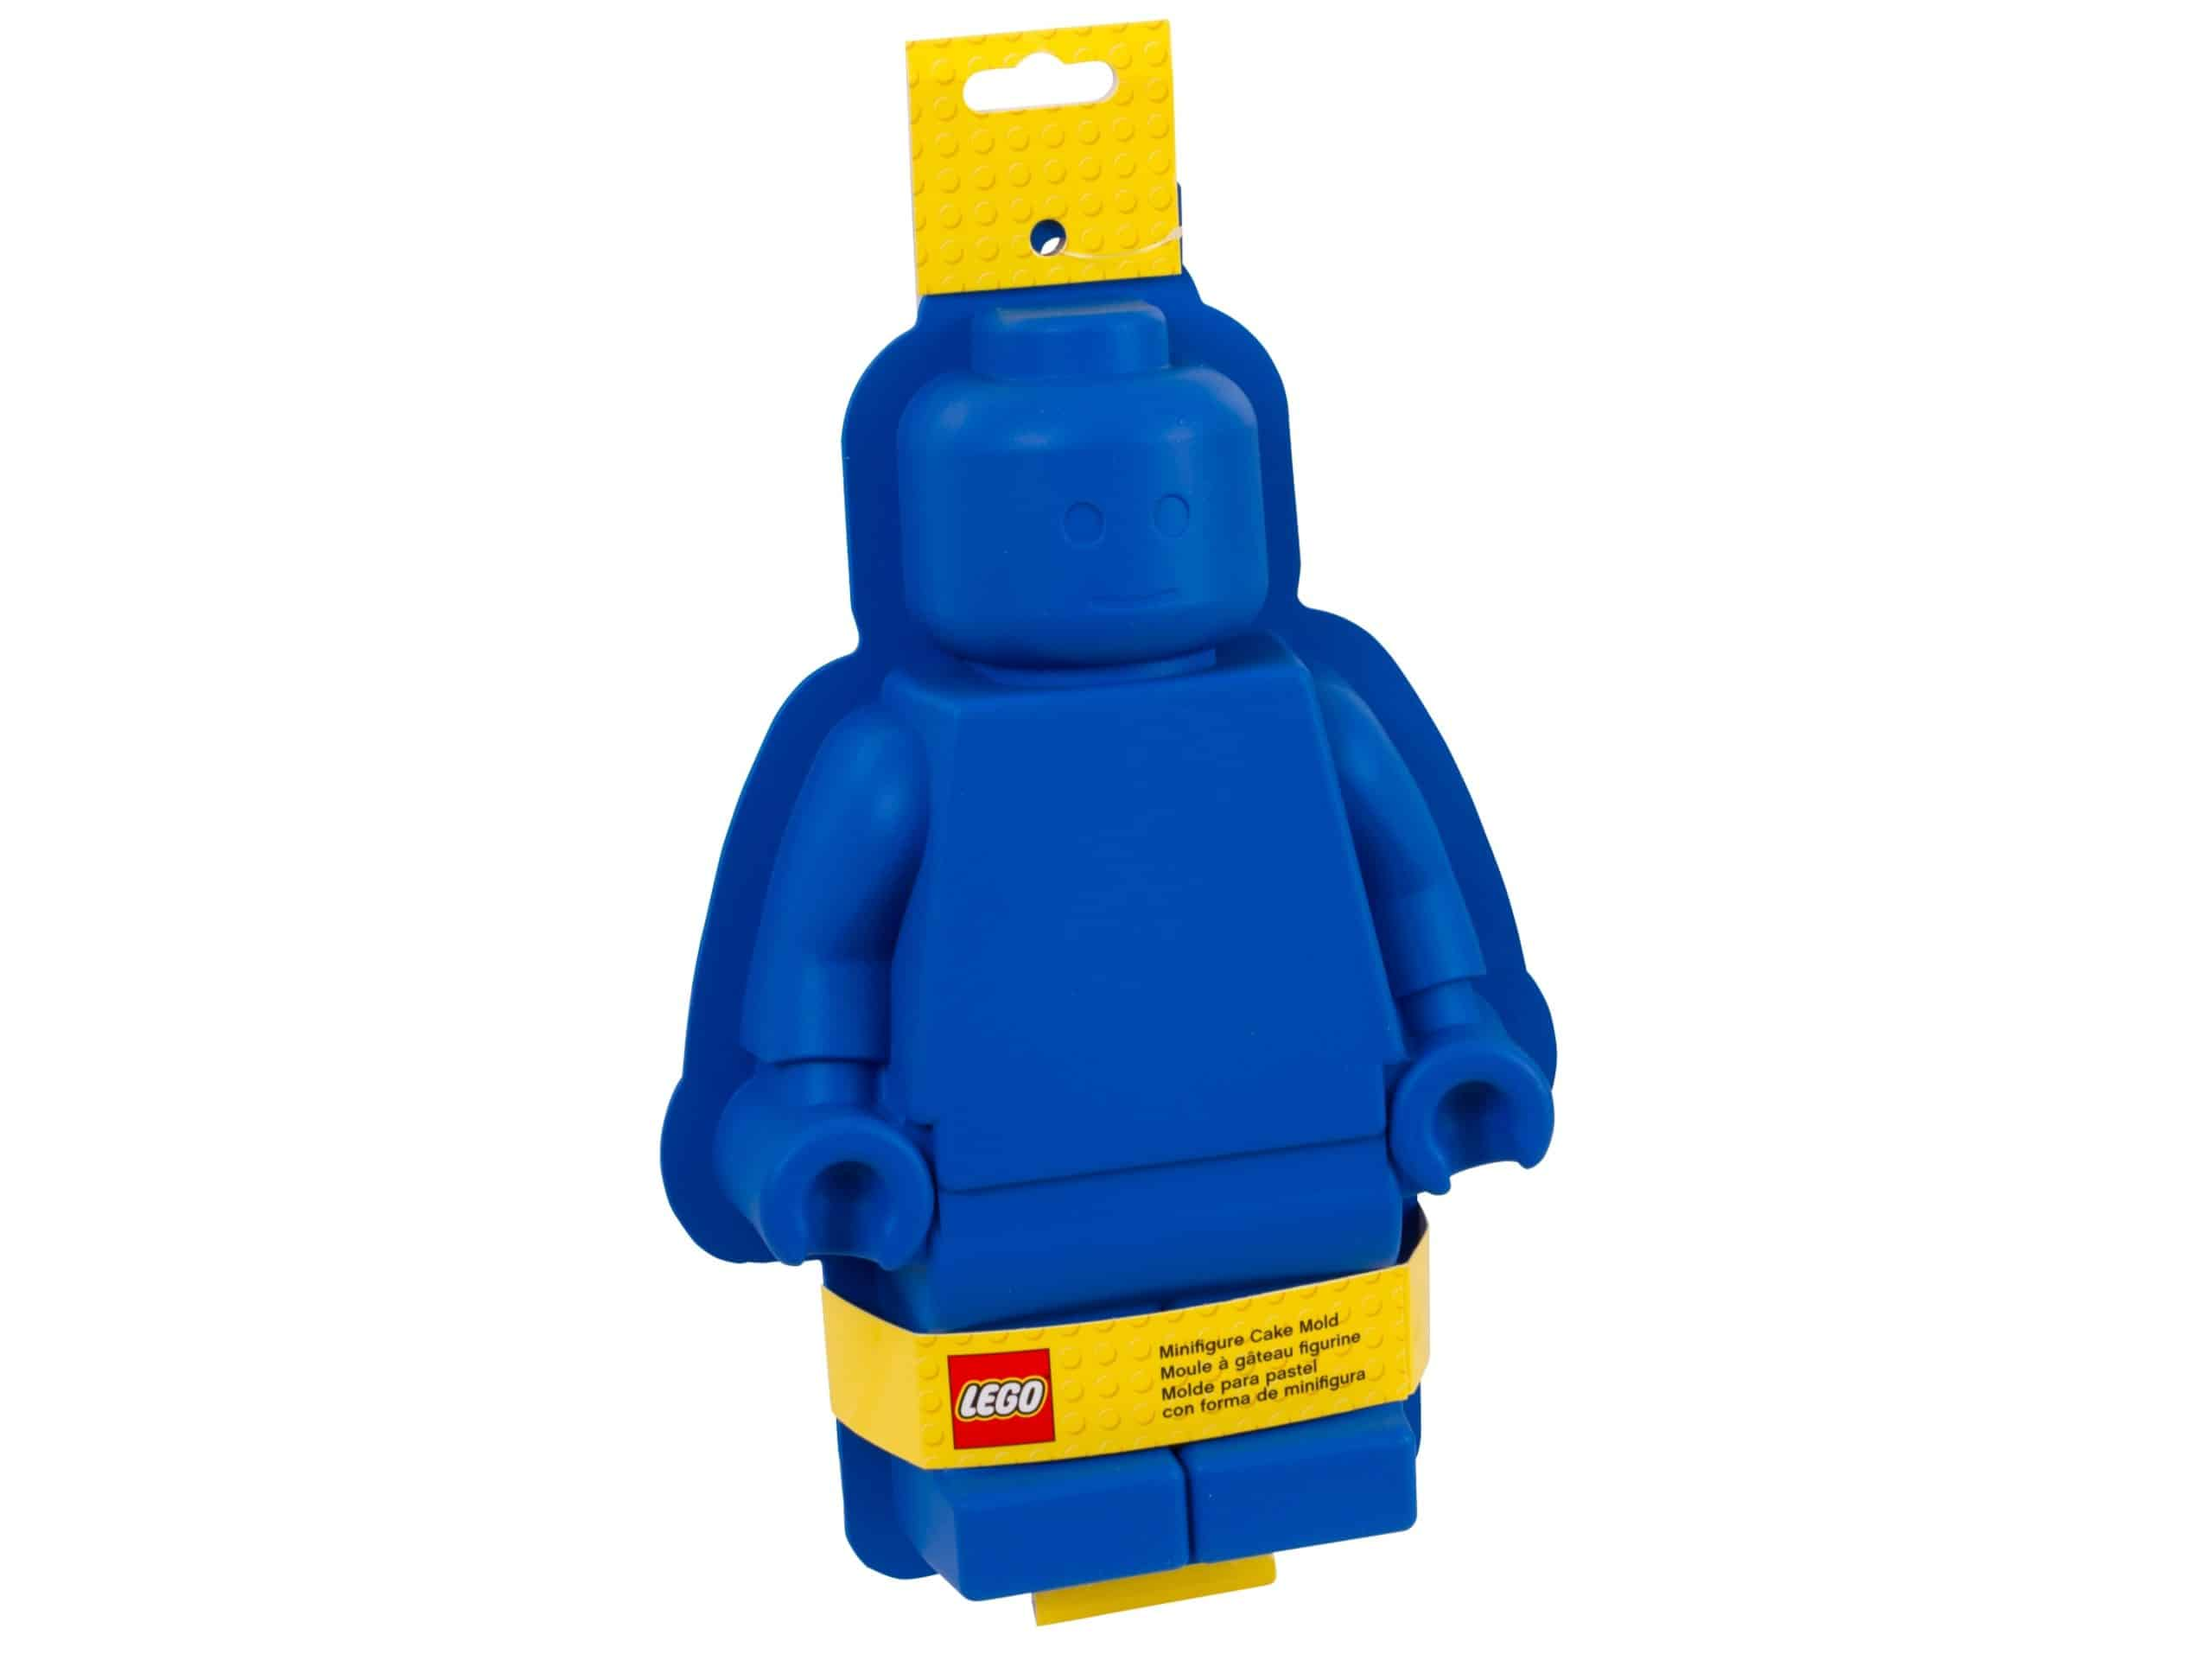 lego 853575 minifigur kuchenform scaled